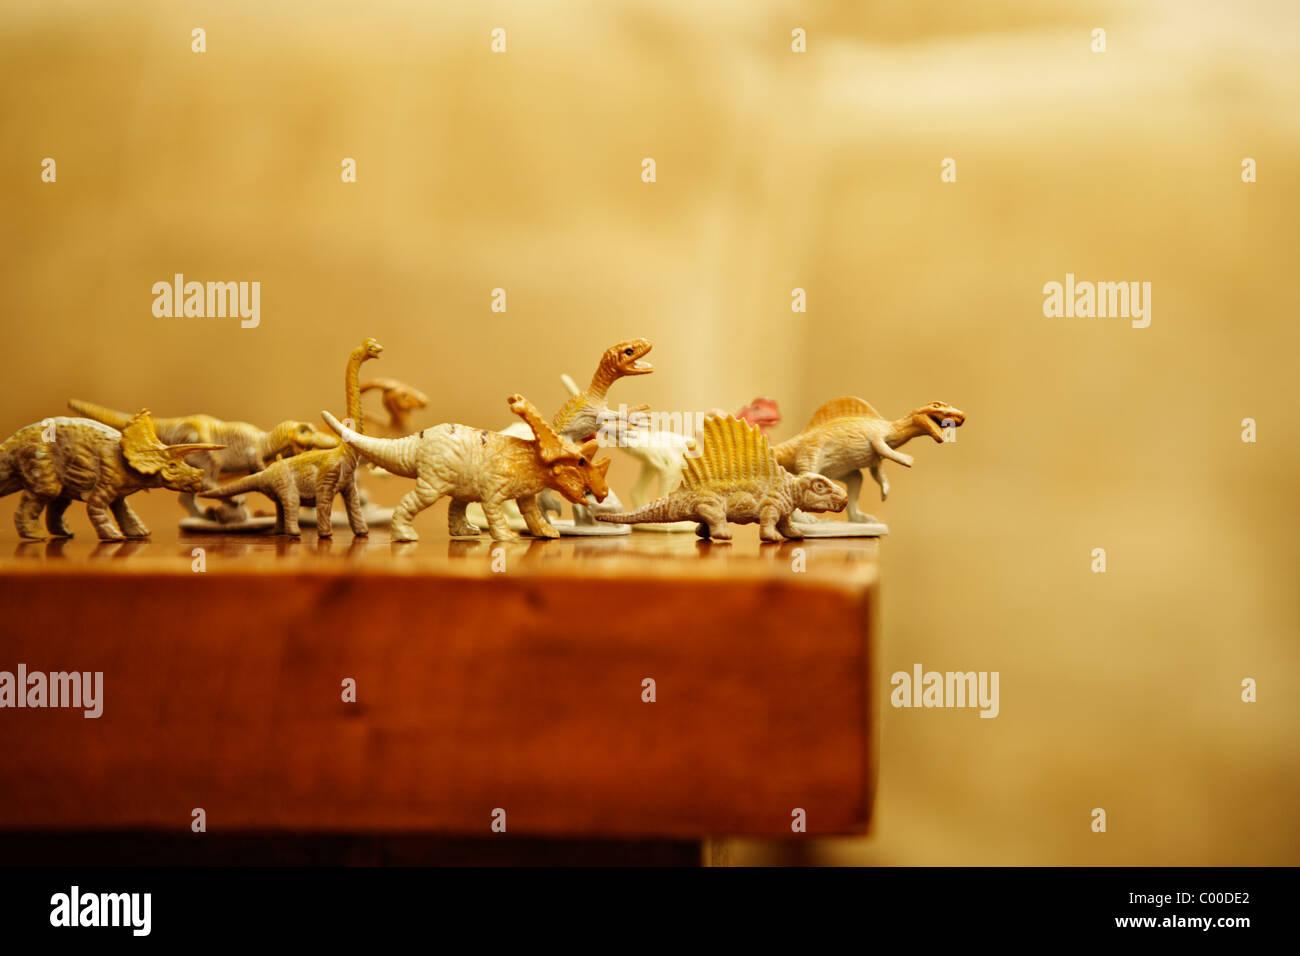 Dinosaures jouets se précipiter le rebord d'une table Photo Stock